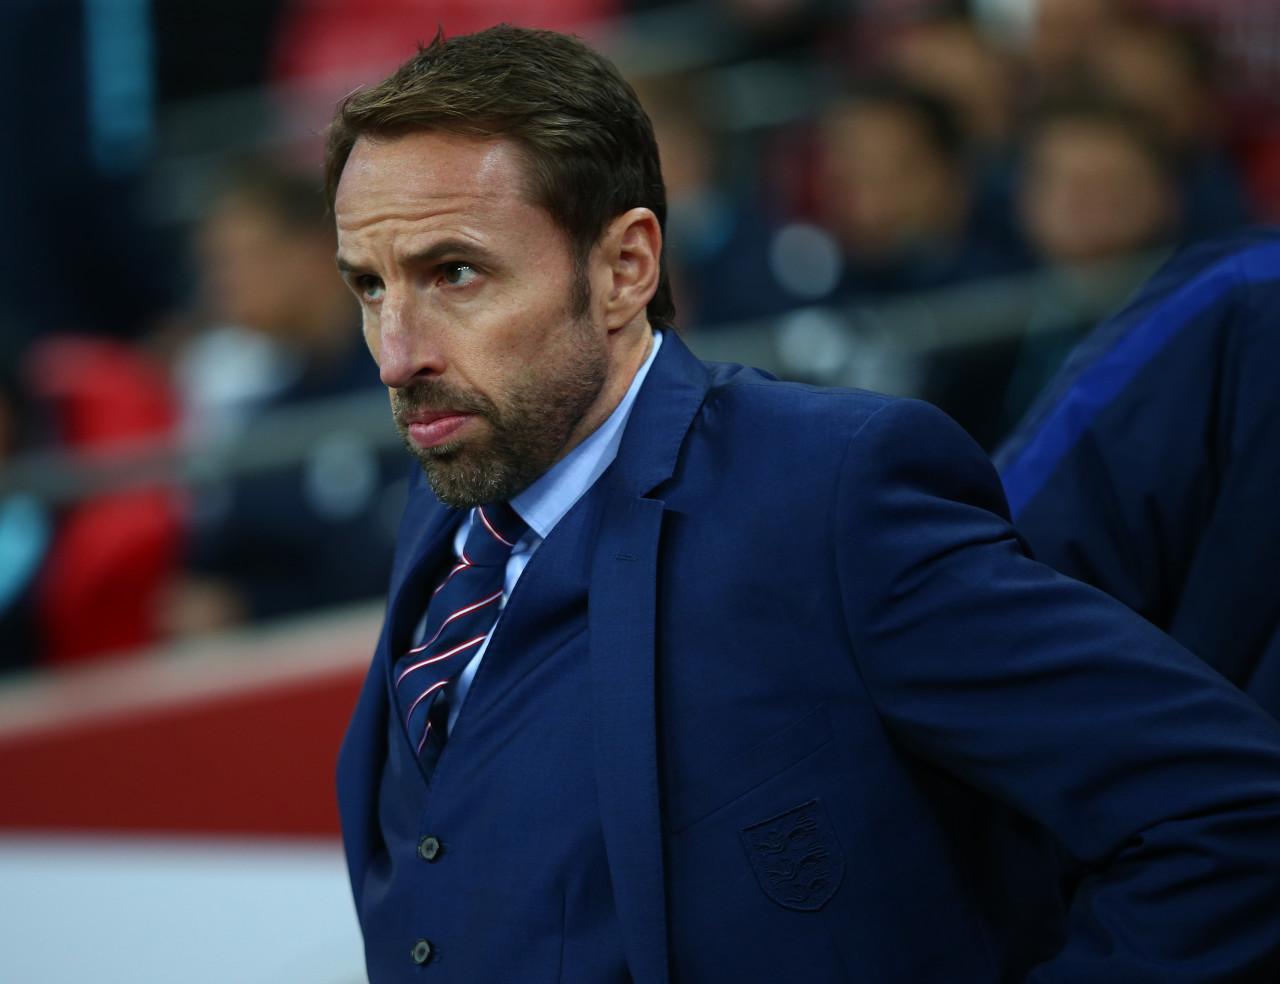 索斯盖特:具有冠军经验的球员越多,英格兰才更有可能取得成功